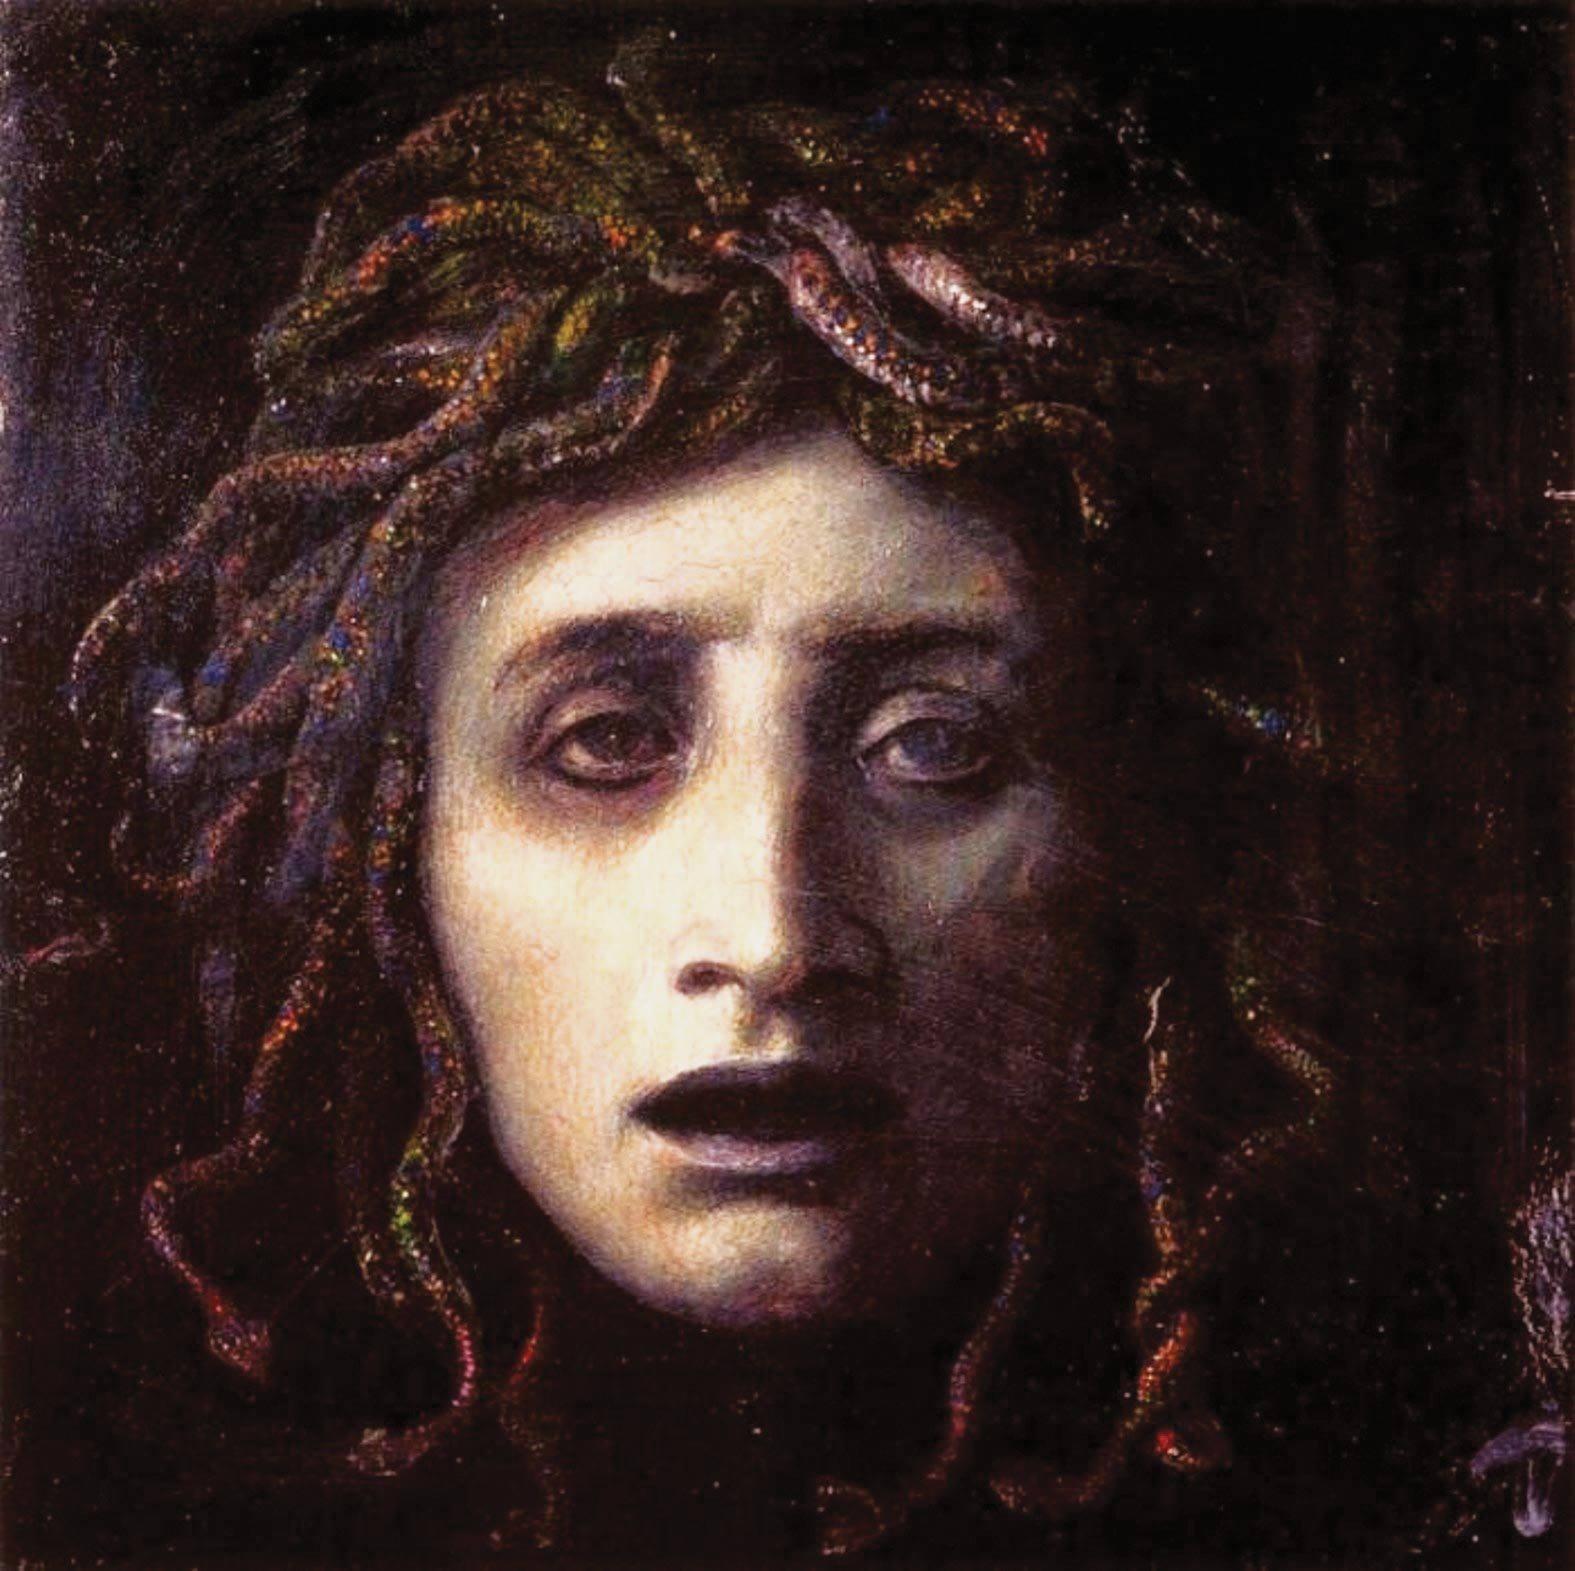 Une femme effrayante